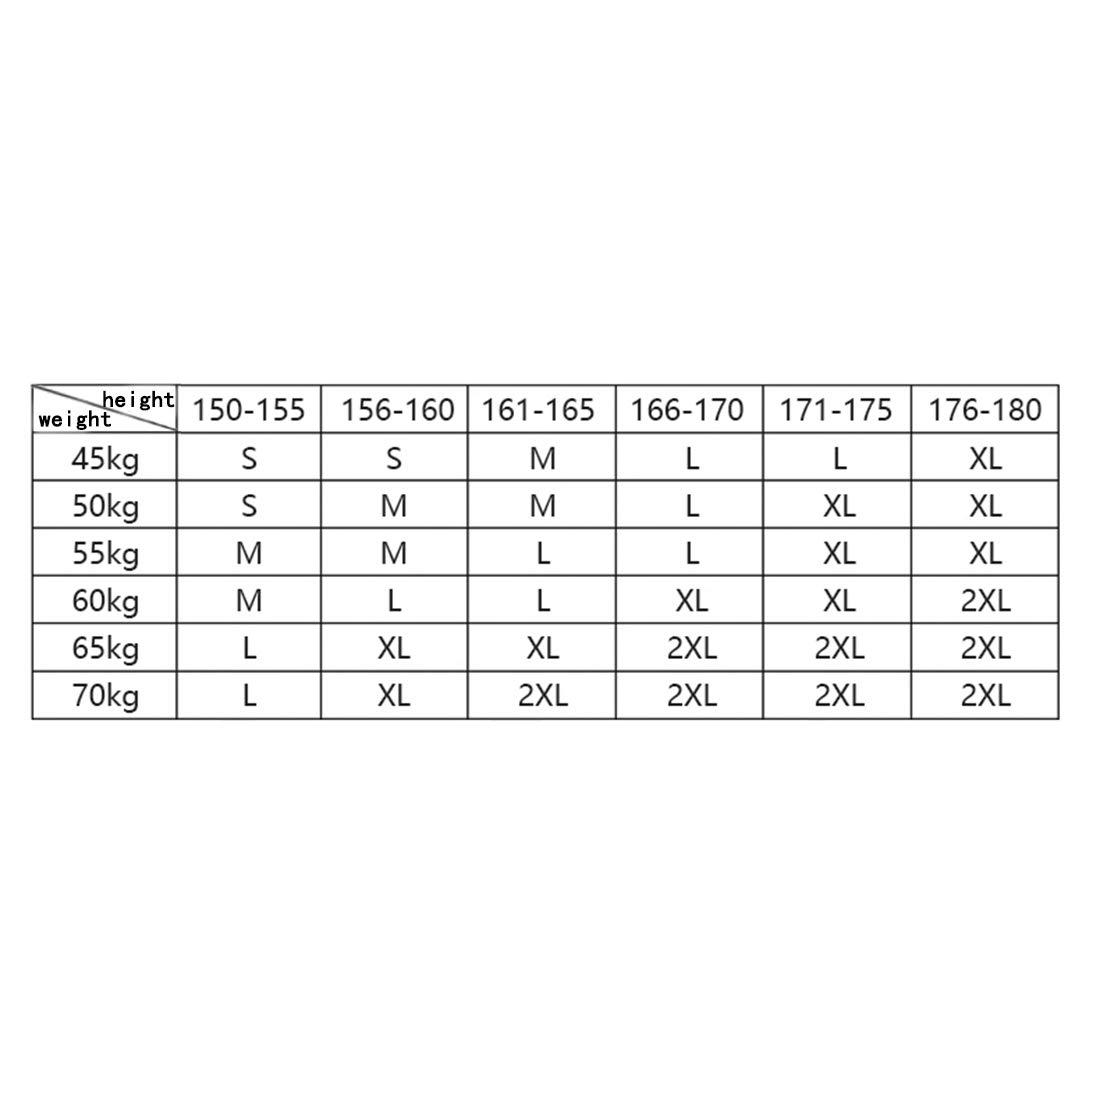 Ovesuxl Ovesuxl Ovesuxl Tuta da Trekking Impermeabile Antipioggia da Donna Impermeabile da Montagna per Giacca da Pioggia all'aperto (Coloree   rosso, Dimensione   XXL)B07KS11G35L rosso | Abbiamo Vinto La Lode Da Parte Dei Clienti  | Colore Brillantezza  | Prezzo speci 577265